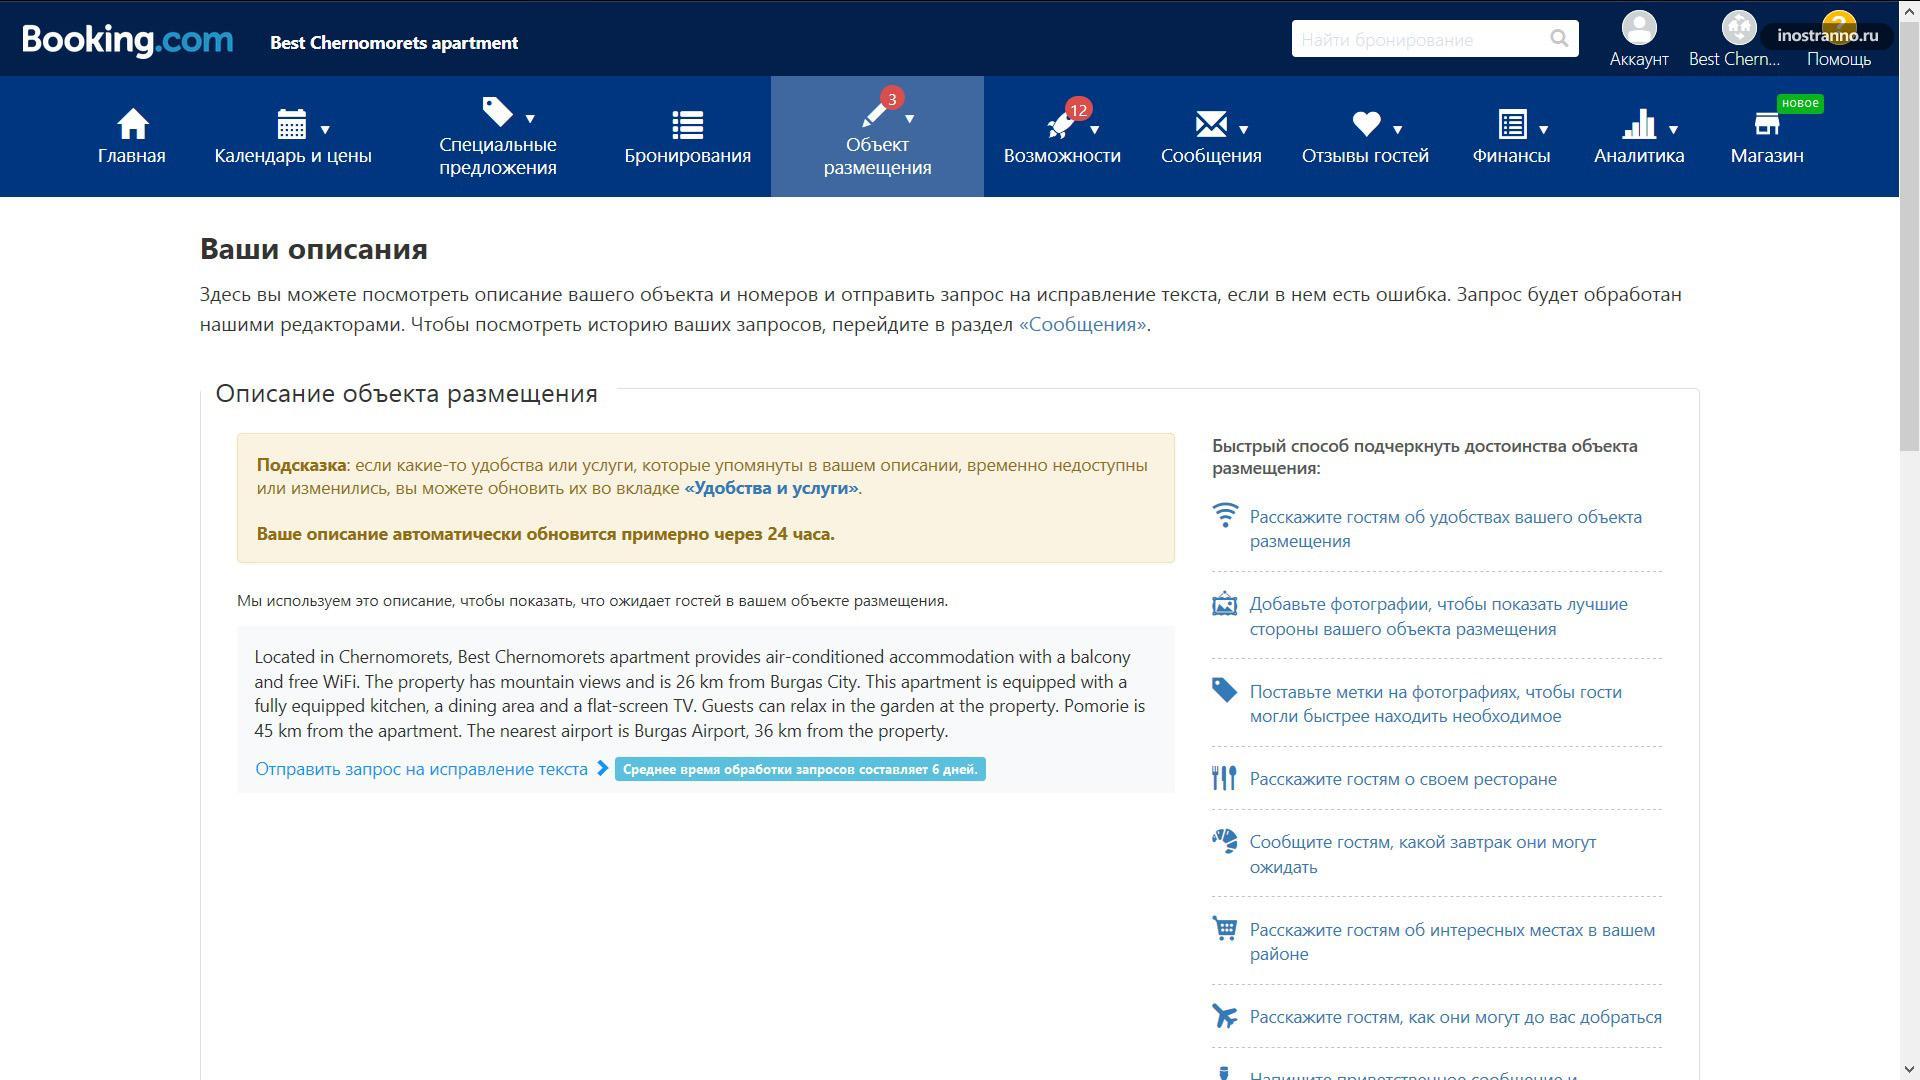 Как добавить информацию об объекте размещения на сайте Booking